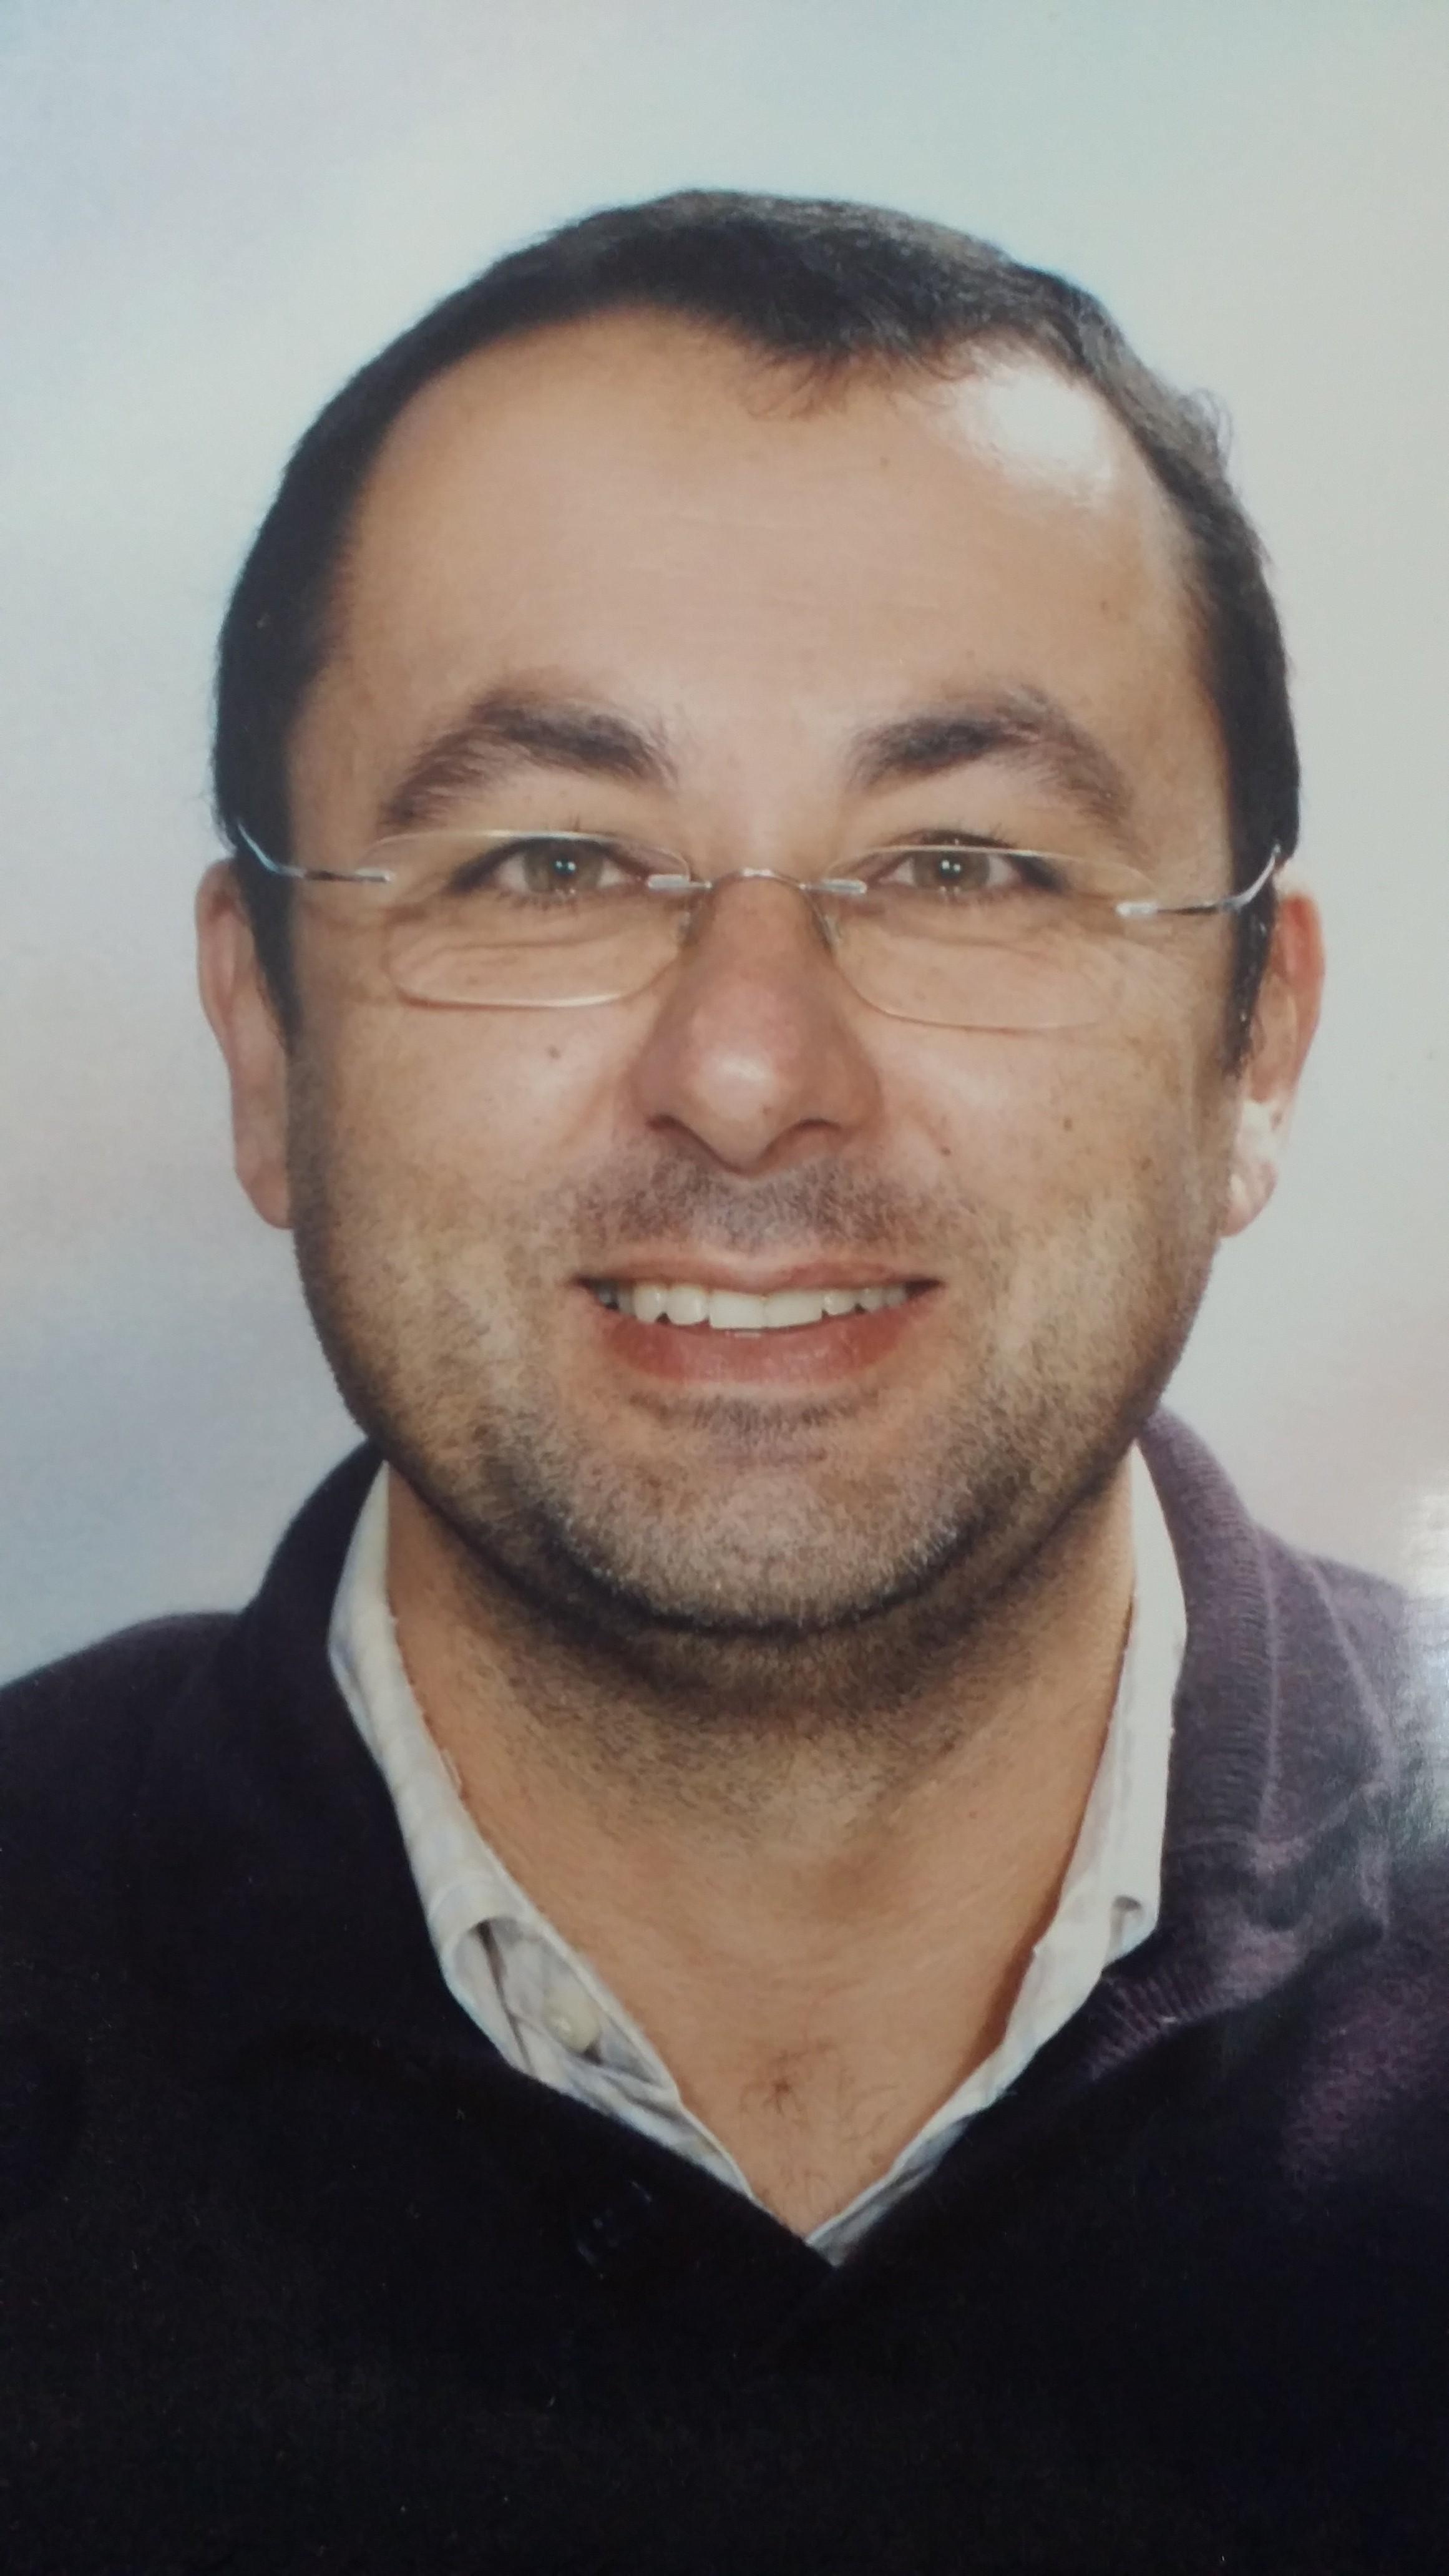 David Perez Jorge